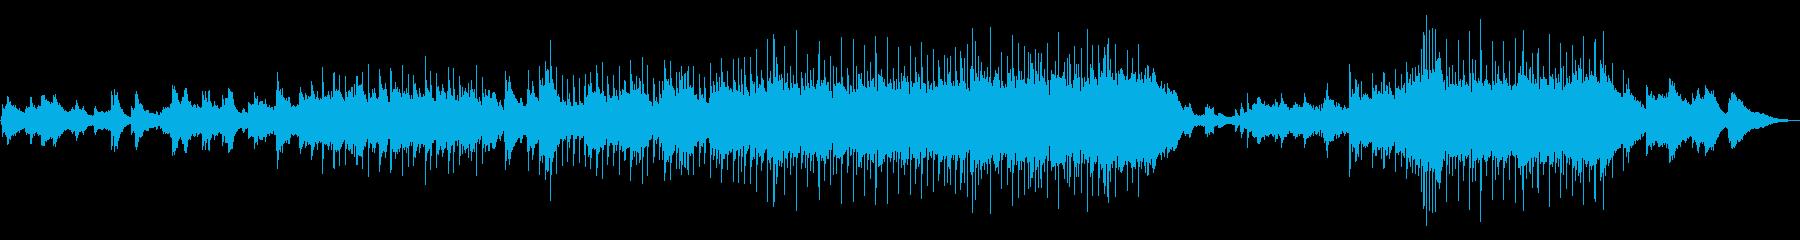 愛するポップカントリーバラード。ピ...の再生済みの波形